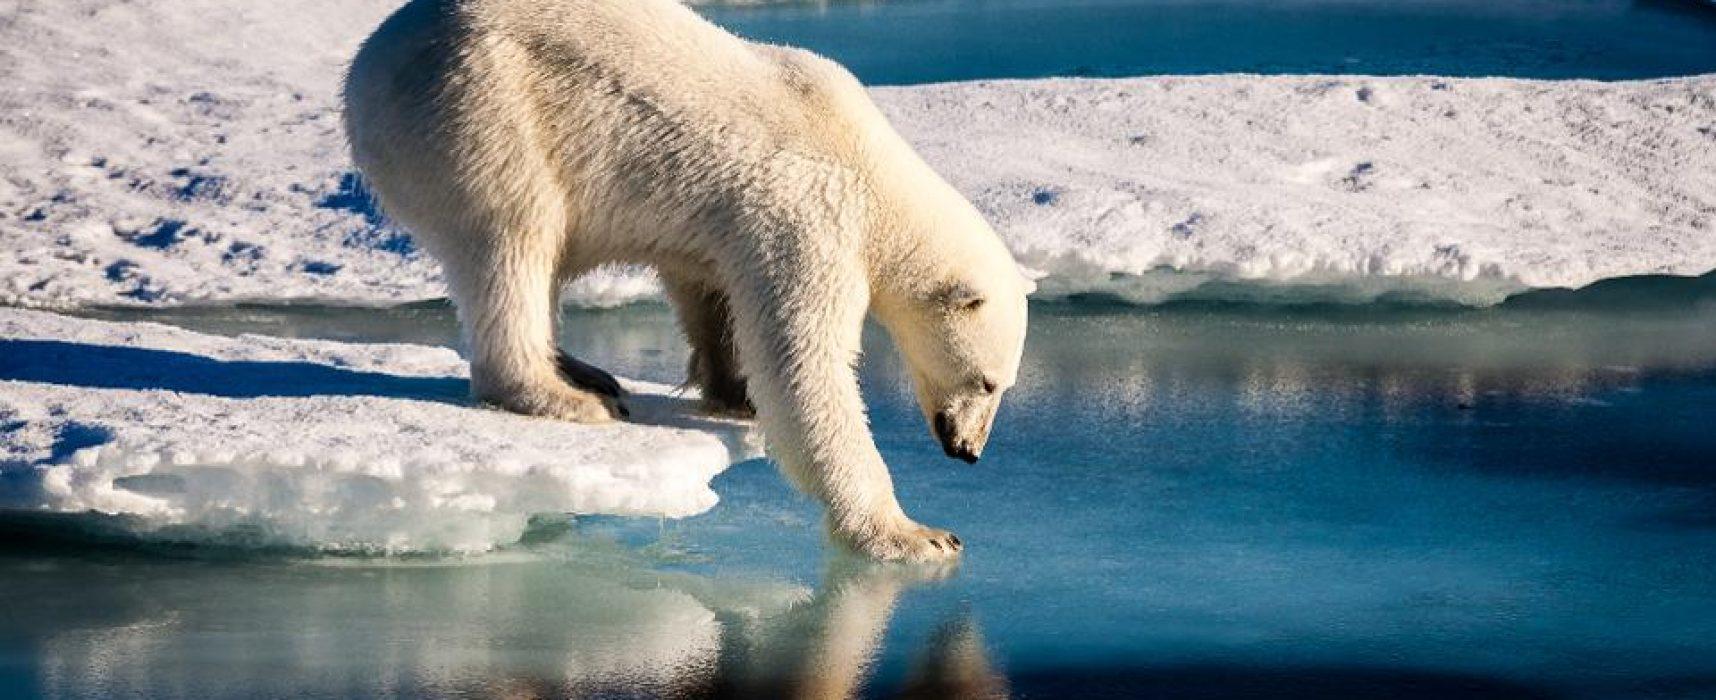 Грета vs Латынина. 4 мифа о климате, которые придумали люди, чтобы себя успокоить